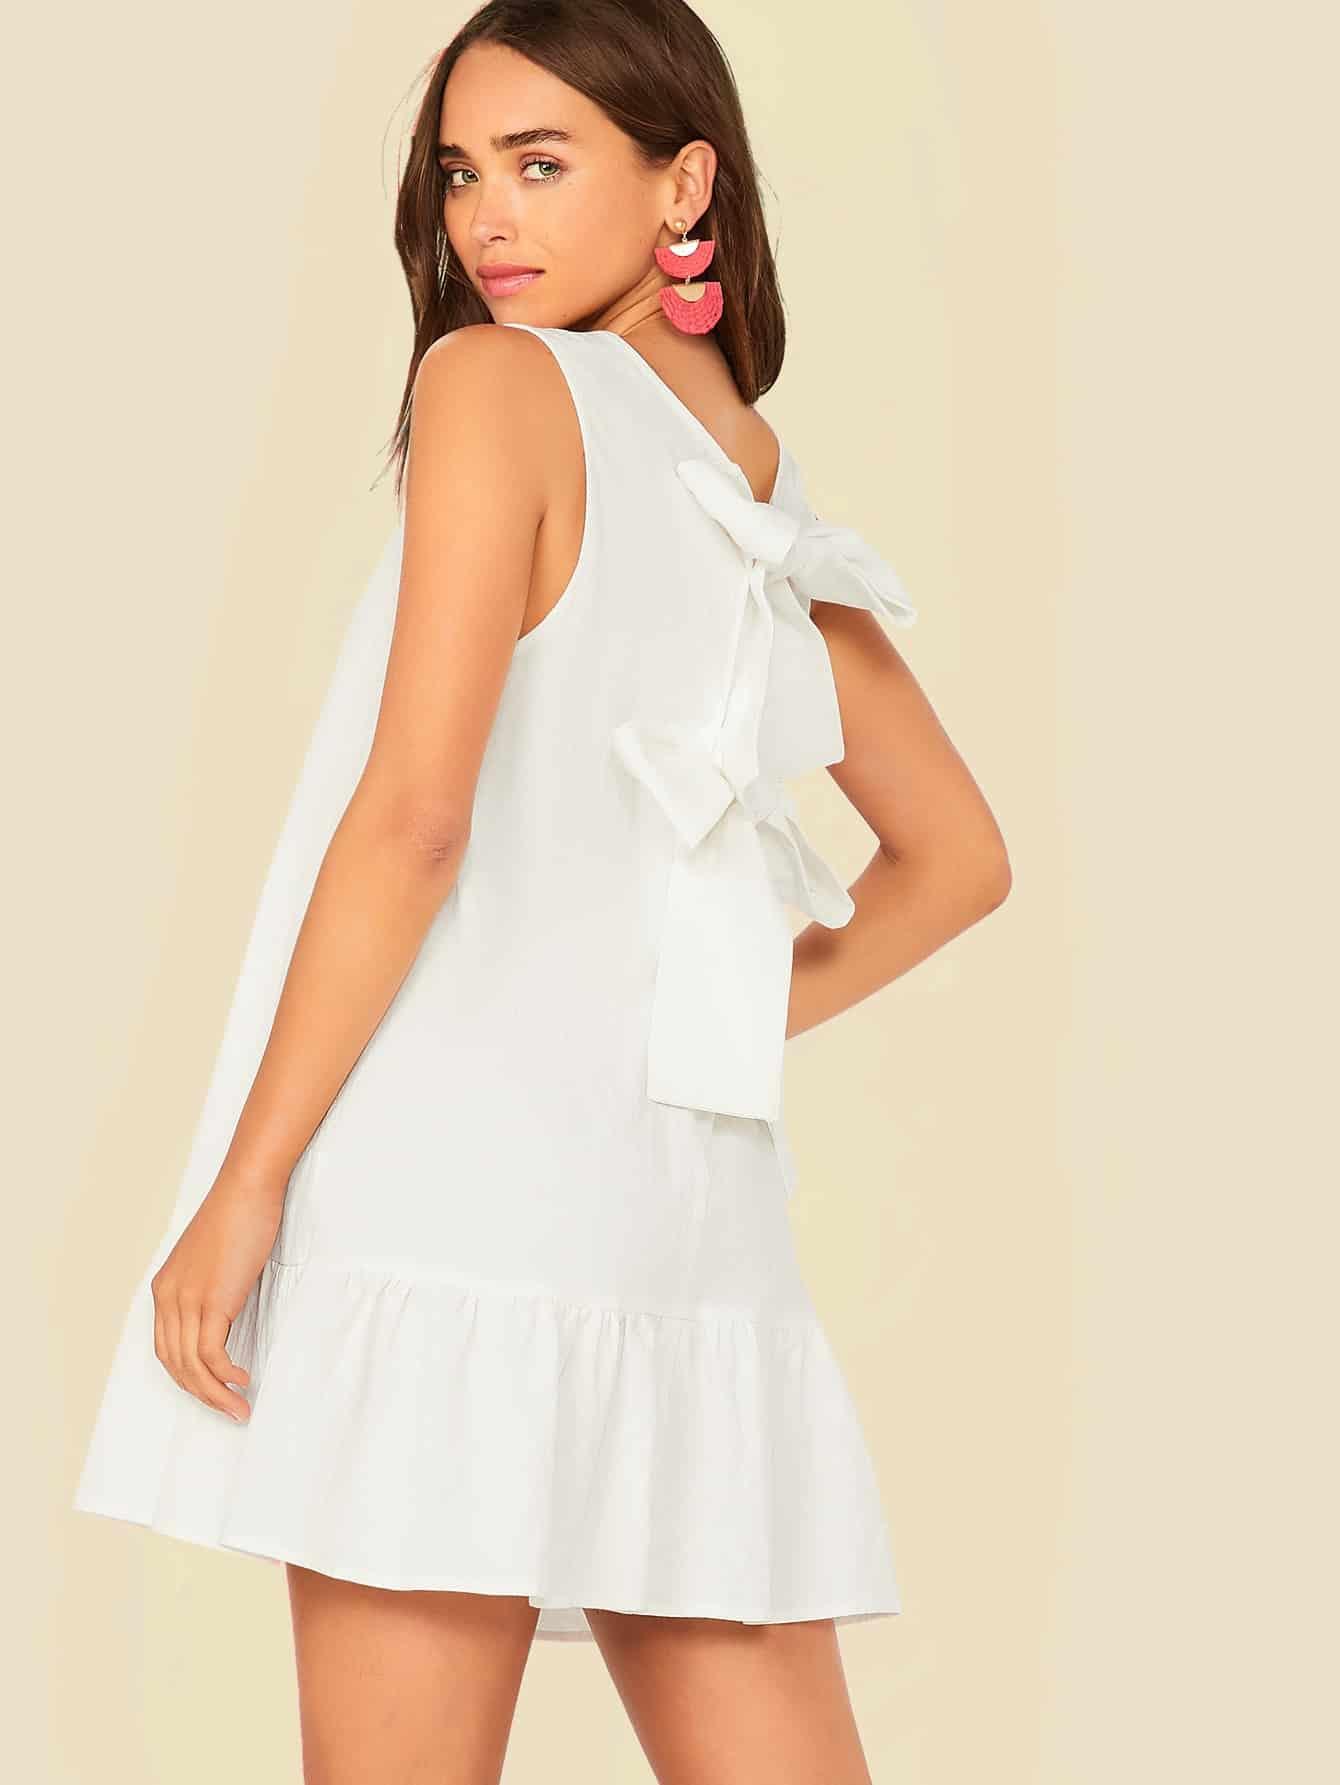 Фото 6 - Атласное платье с пышными рукавами и поясом от SheIn цвета хаки